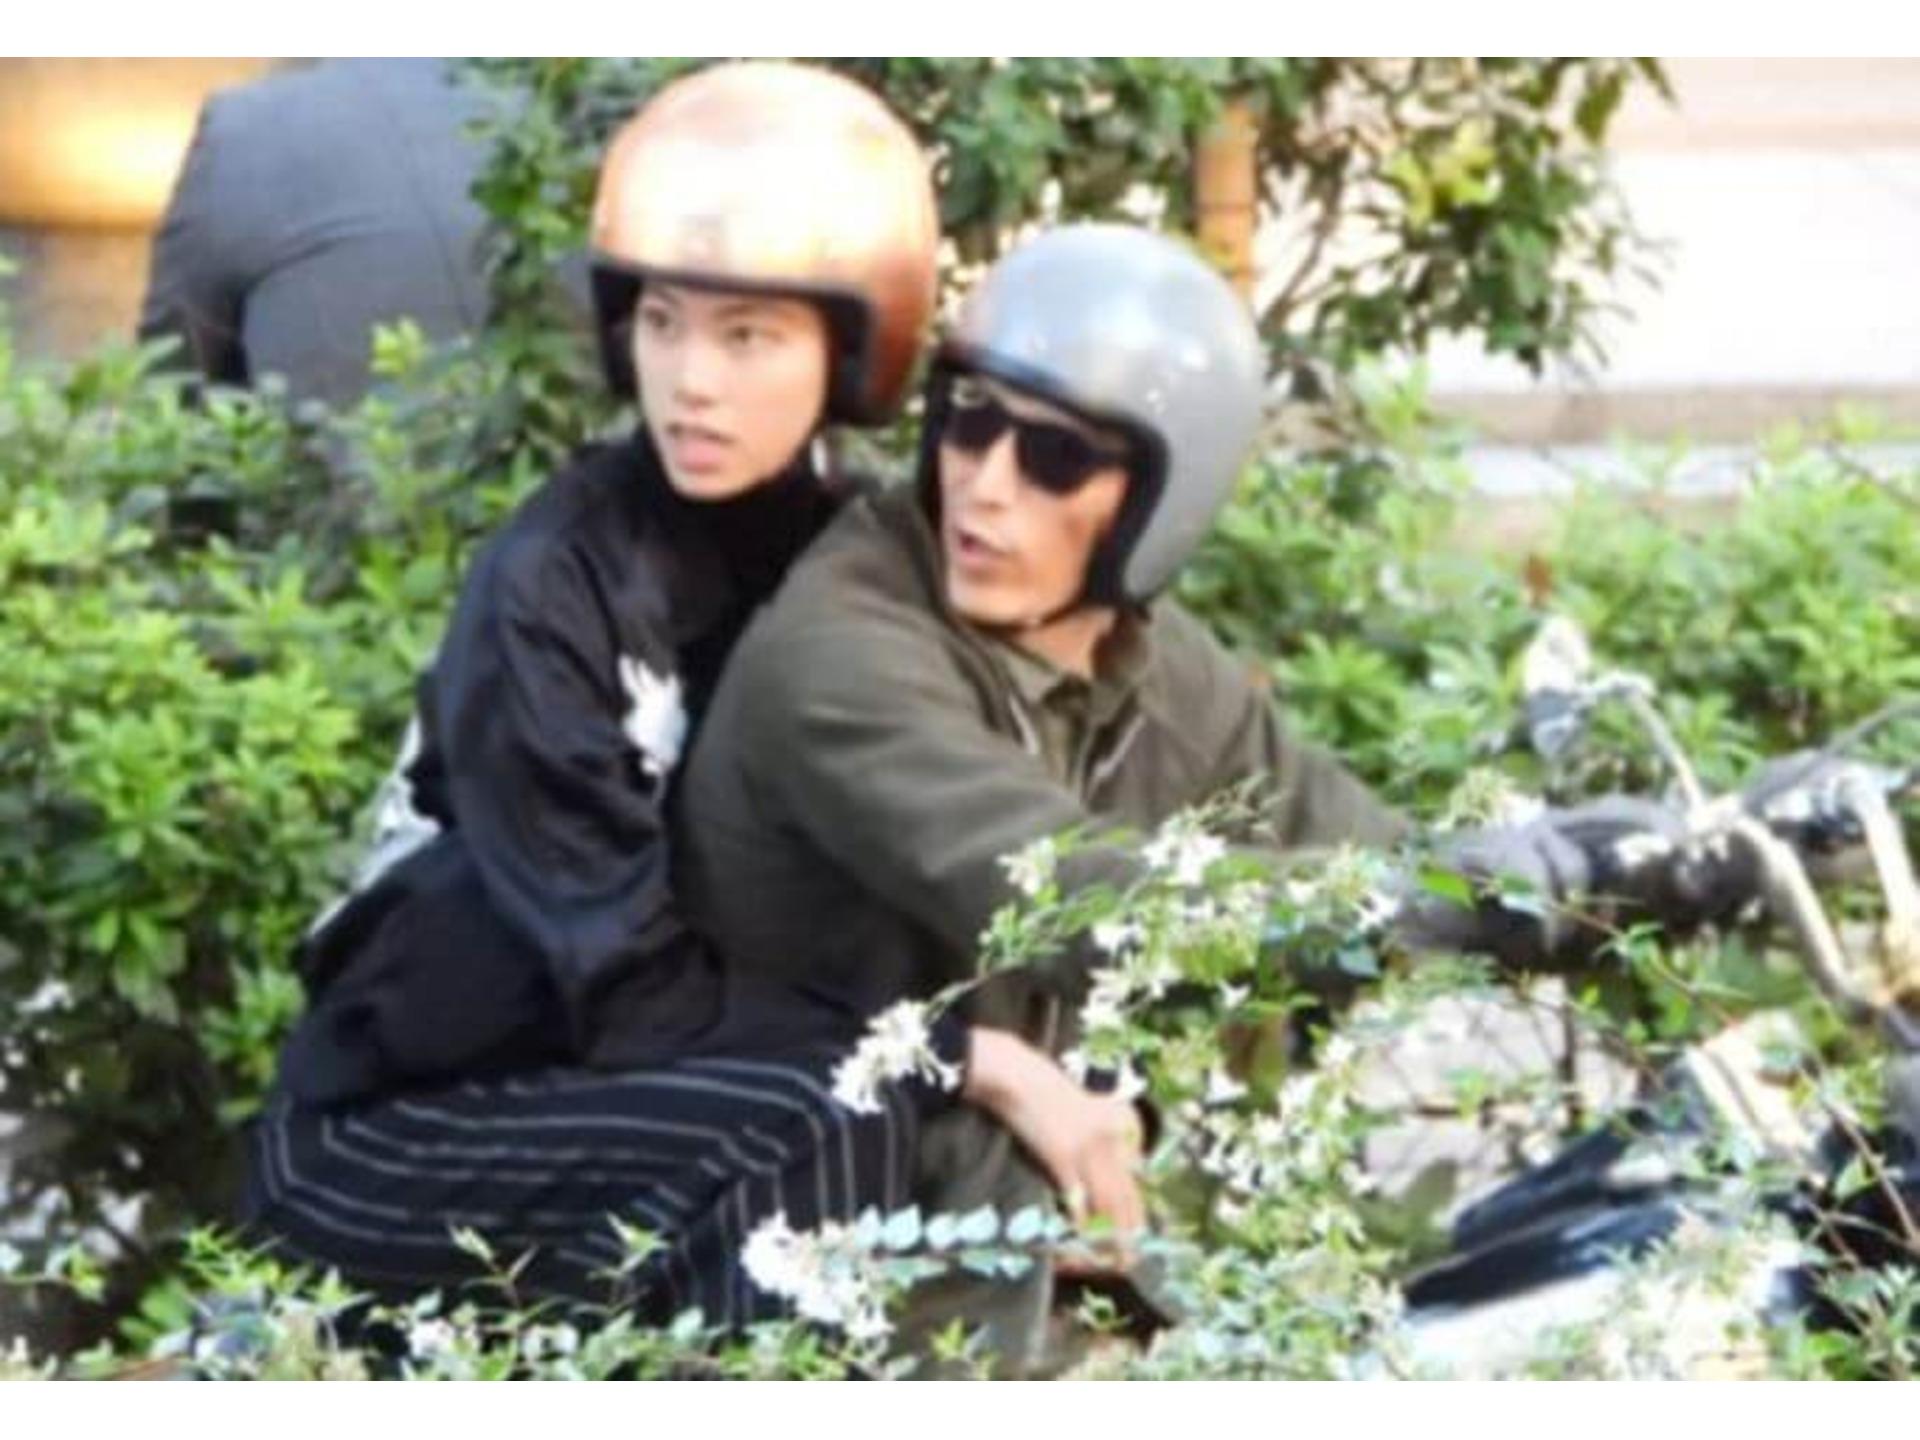 バイク 森星 伊勢谷友介 若い頃 髪型 中身 DV エアガン 自宅 俳優 モデル 大麻 逮捕 YouTube